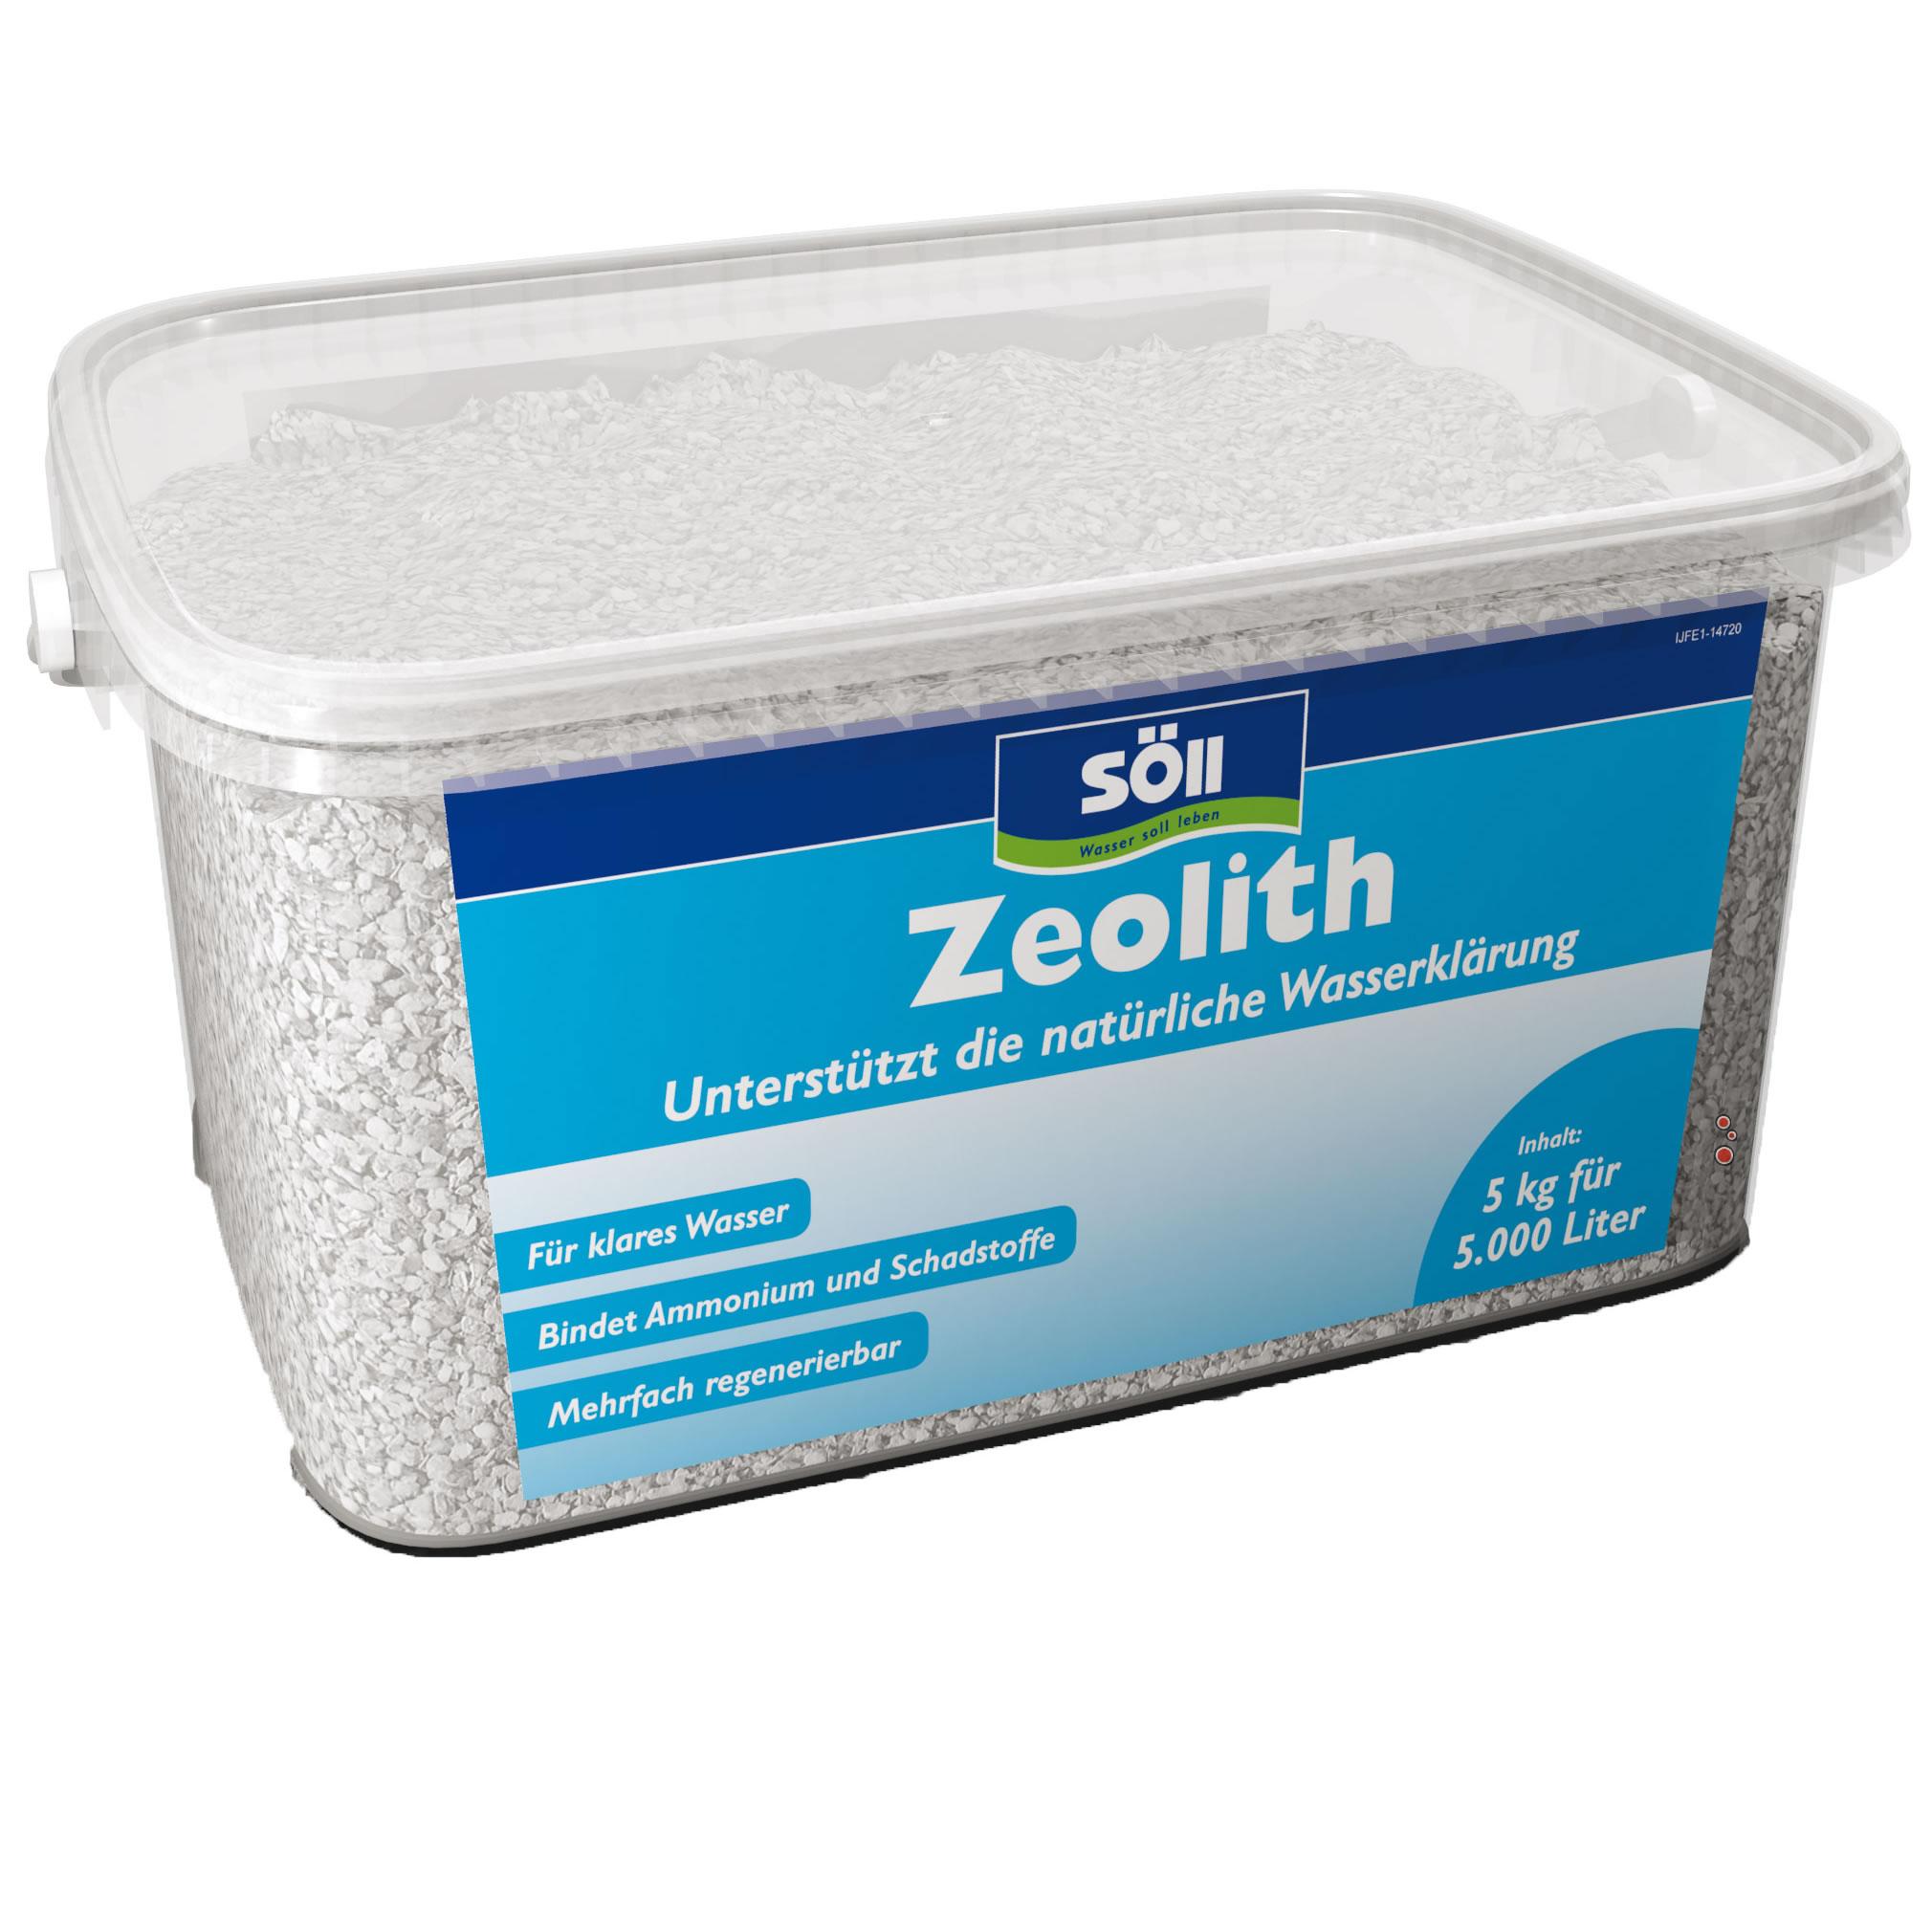 Söll Zeolith